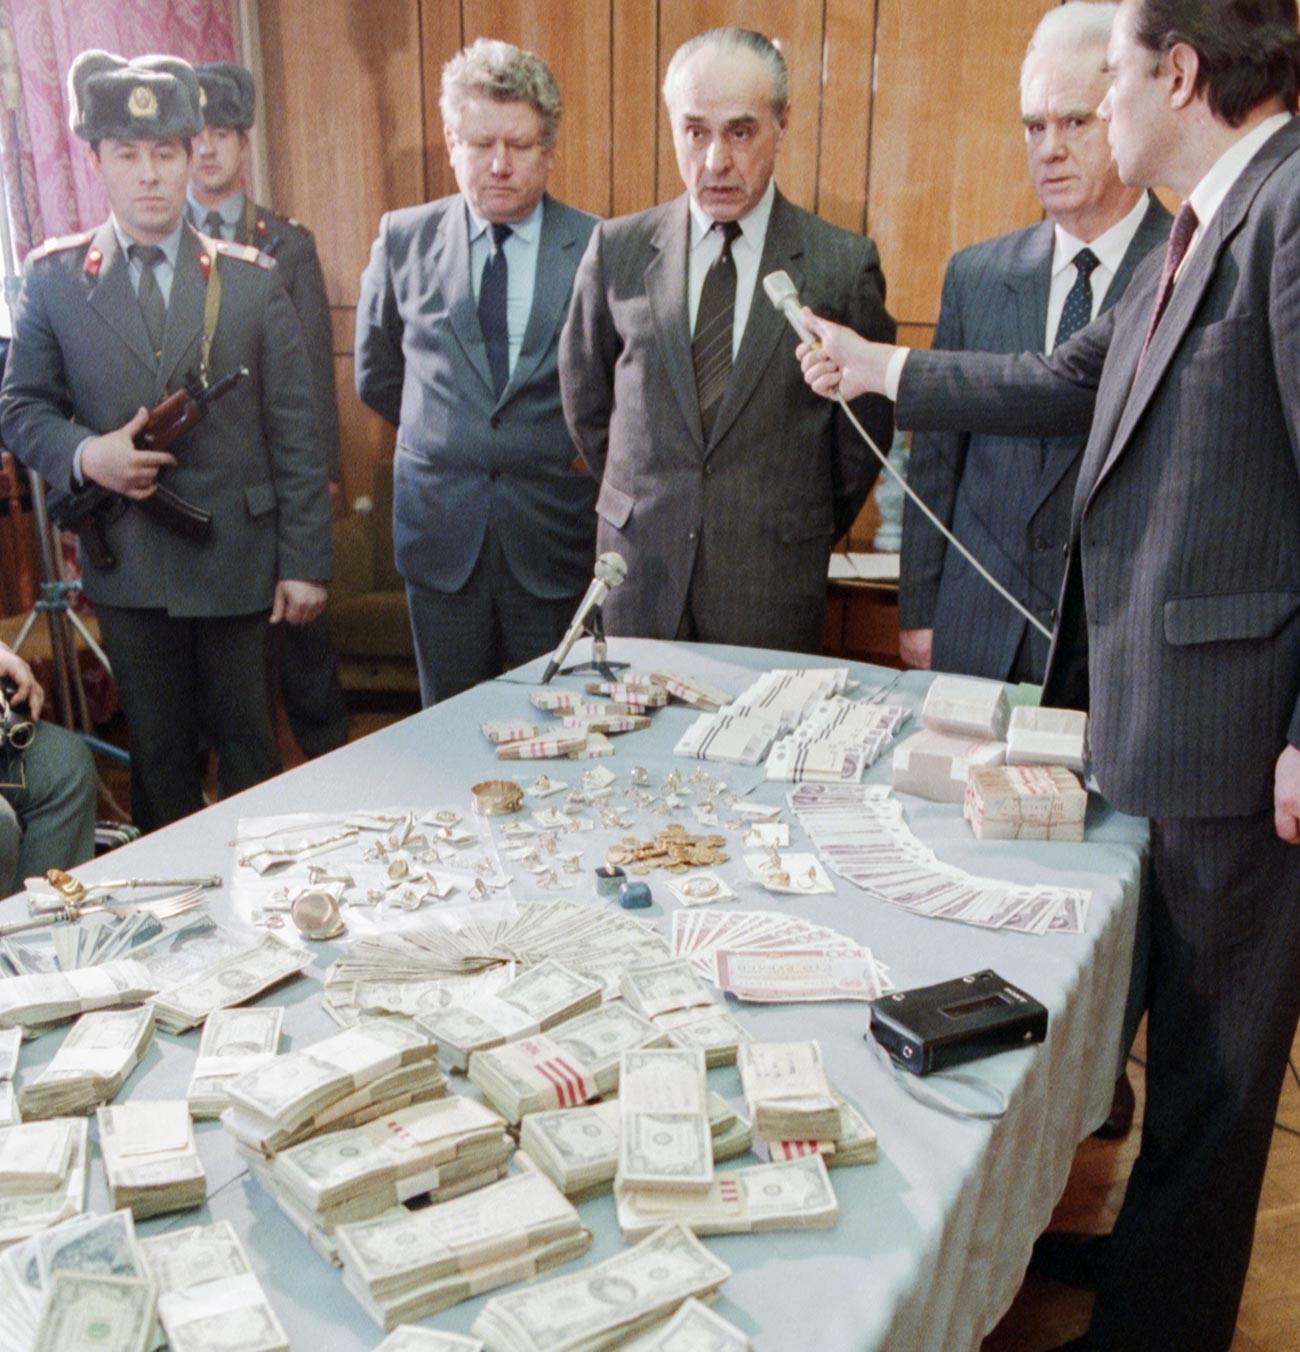 Ценности, изъятые у спекулянтов, во время показа журналистам на пресс-конференции в Главном управлении внутренних дел Мосгорисполкома.